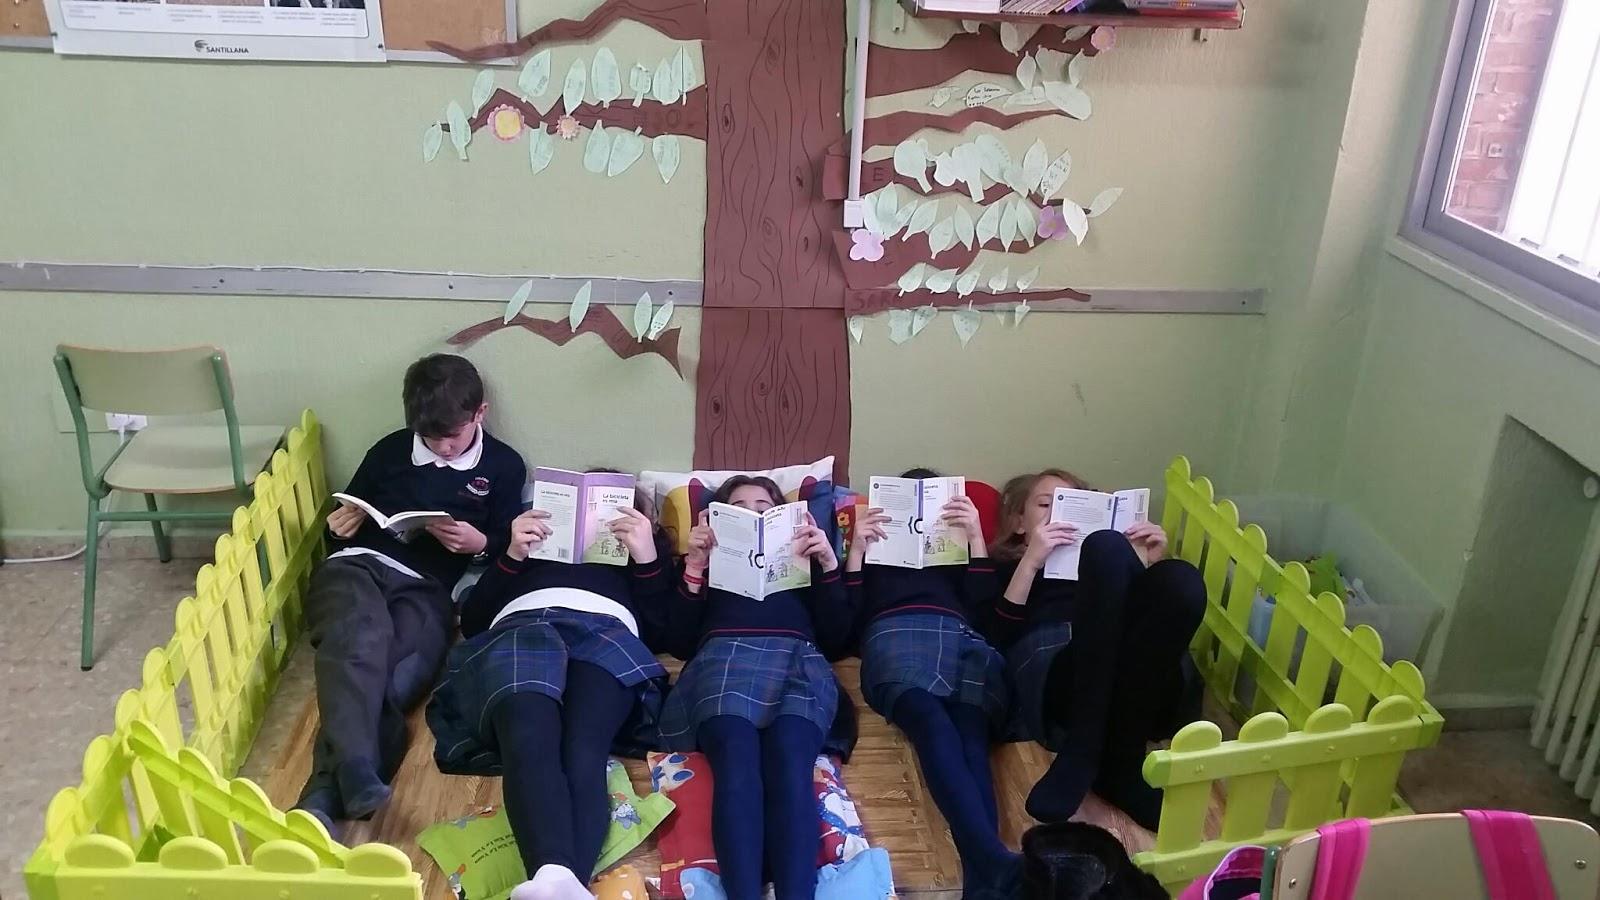 Mi aula virtual 3 0 rinc n de la lectura for El rincon de la lectura